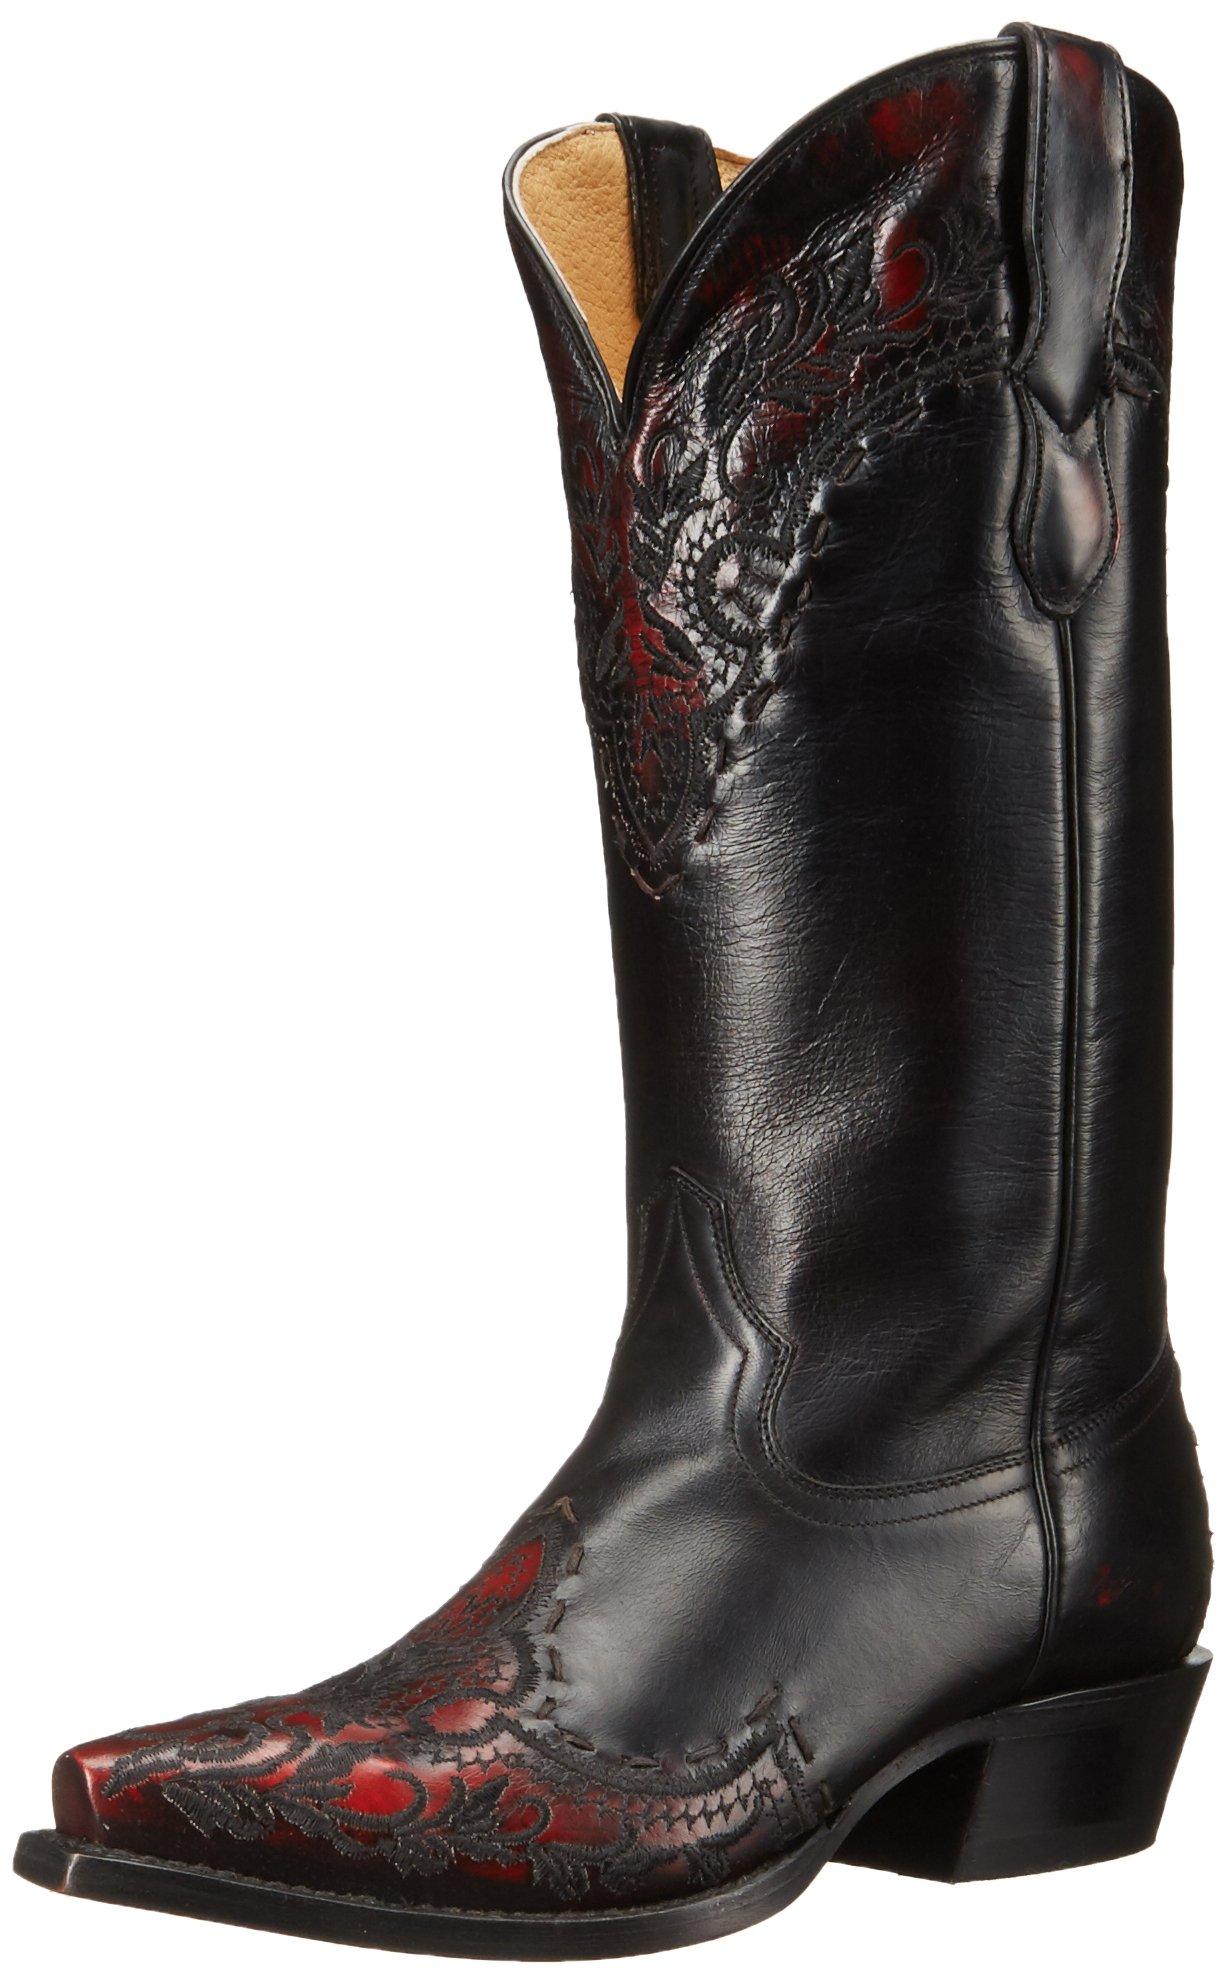 Roper Women's Mercie Work Boot, Black, 6.5 D US